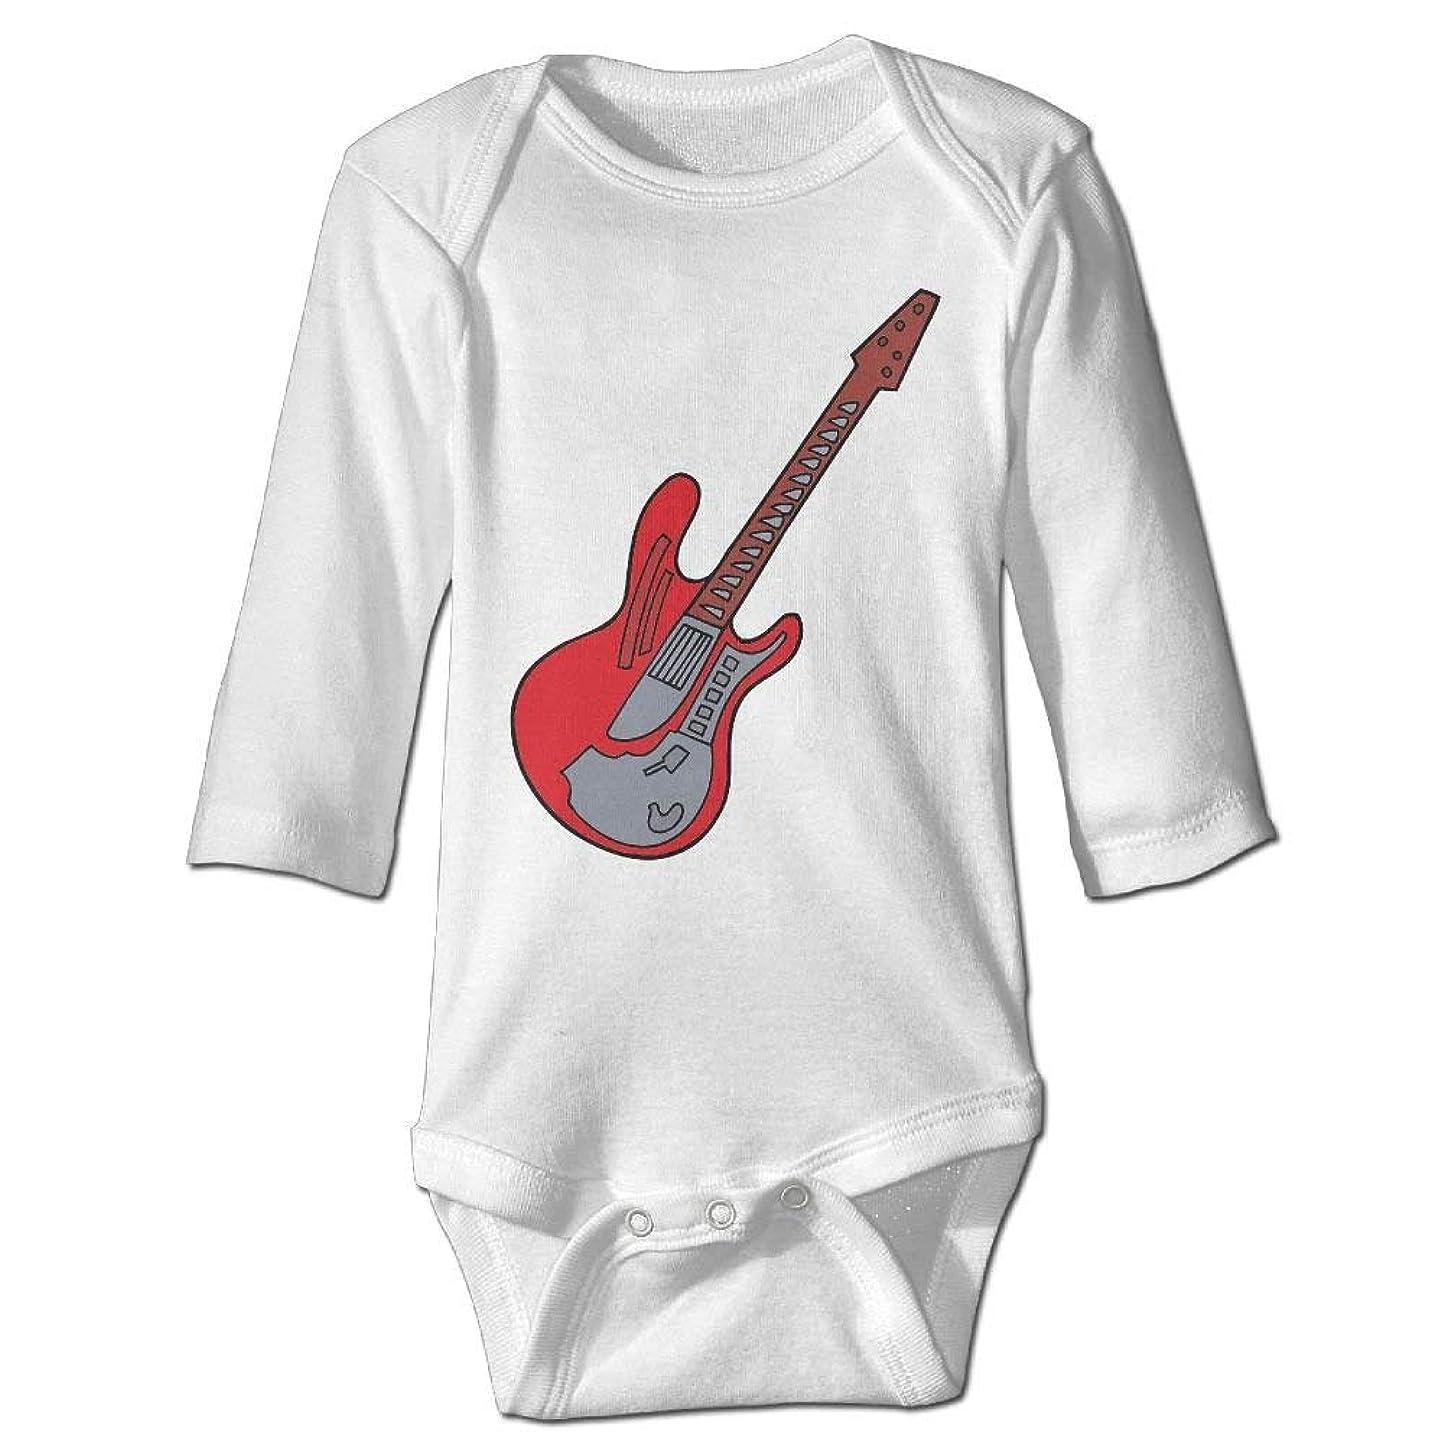 騒乱色合い捨てるギターパターンユニセックスベビーボーイズ女の子服長袖ボディスーツサイズ2T